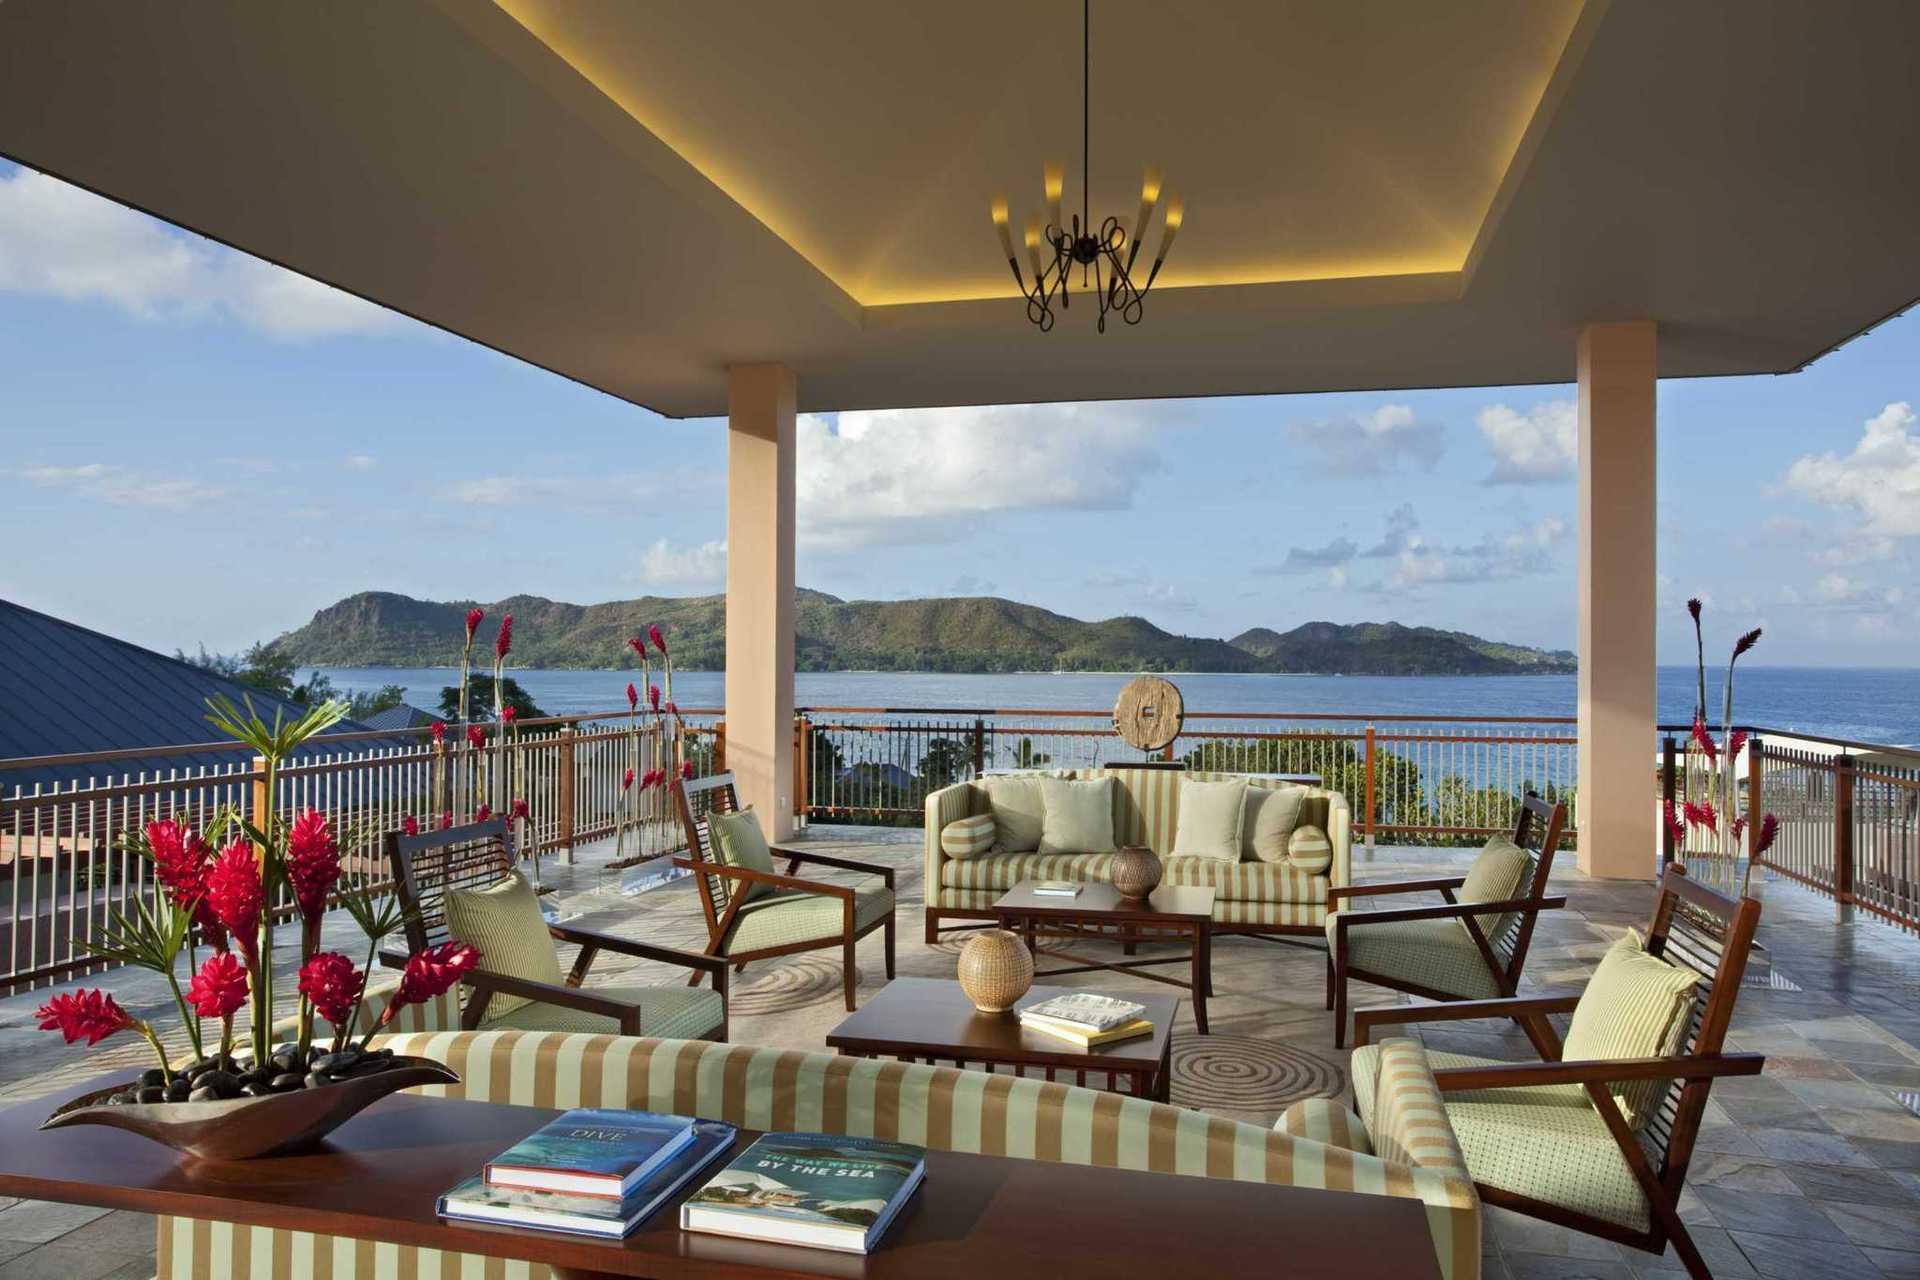 Стильний інтер'єр, приватний басейн, послуги дворецького, незрівнянний пляж – перебуванням у Raffles Seychelles залишать задоволеними навіть примхливіших мандрівників.